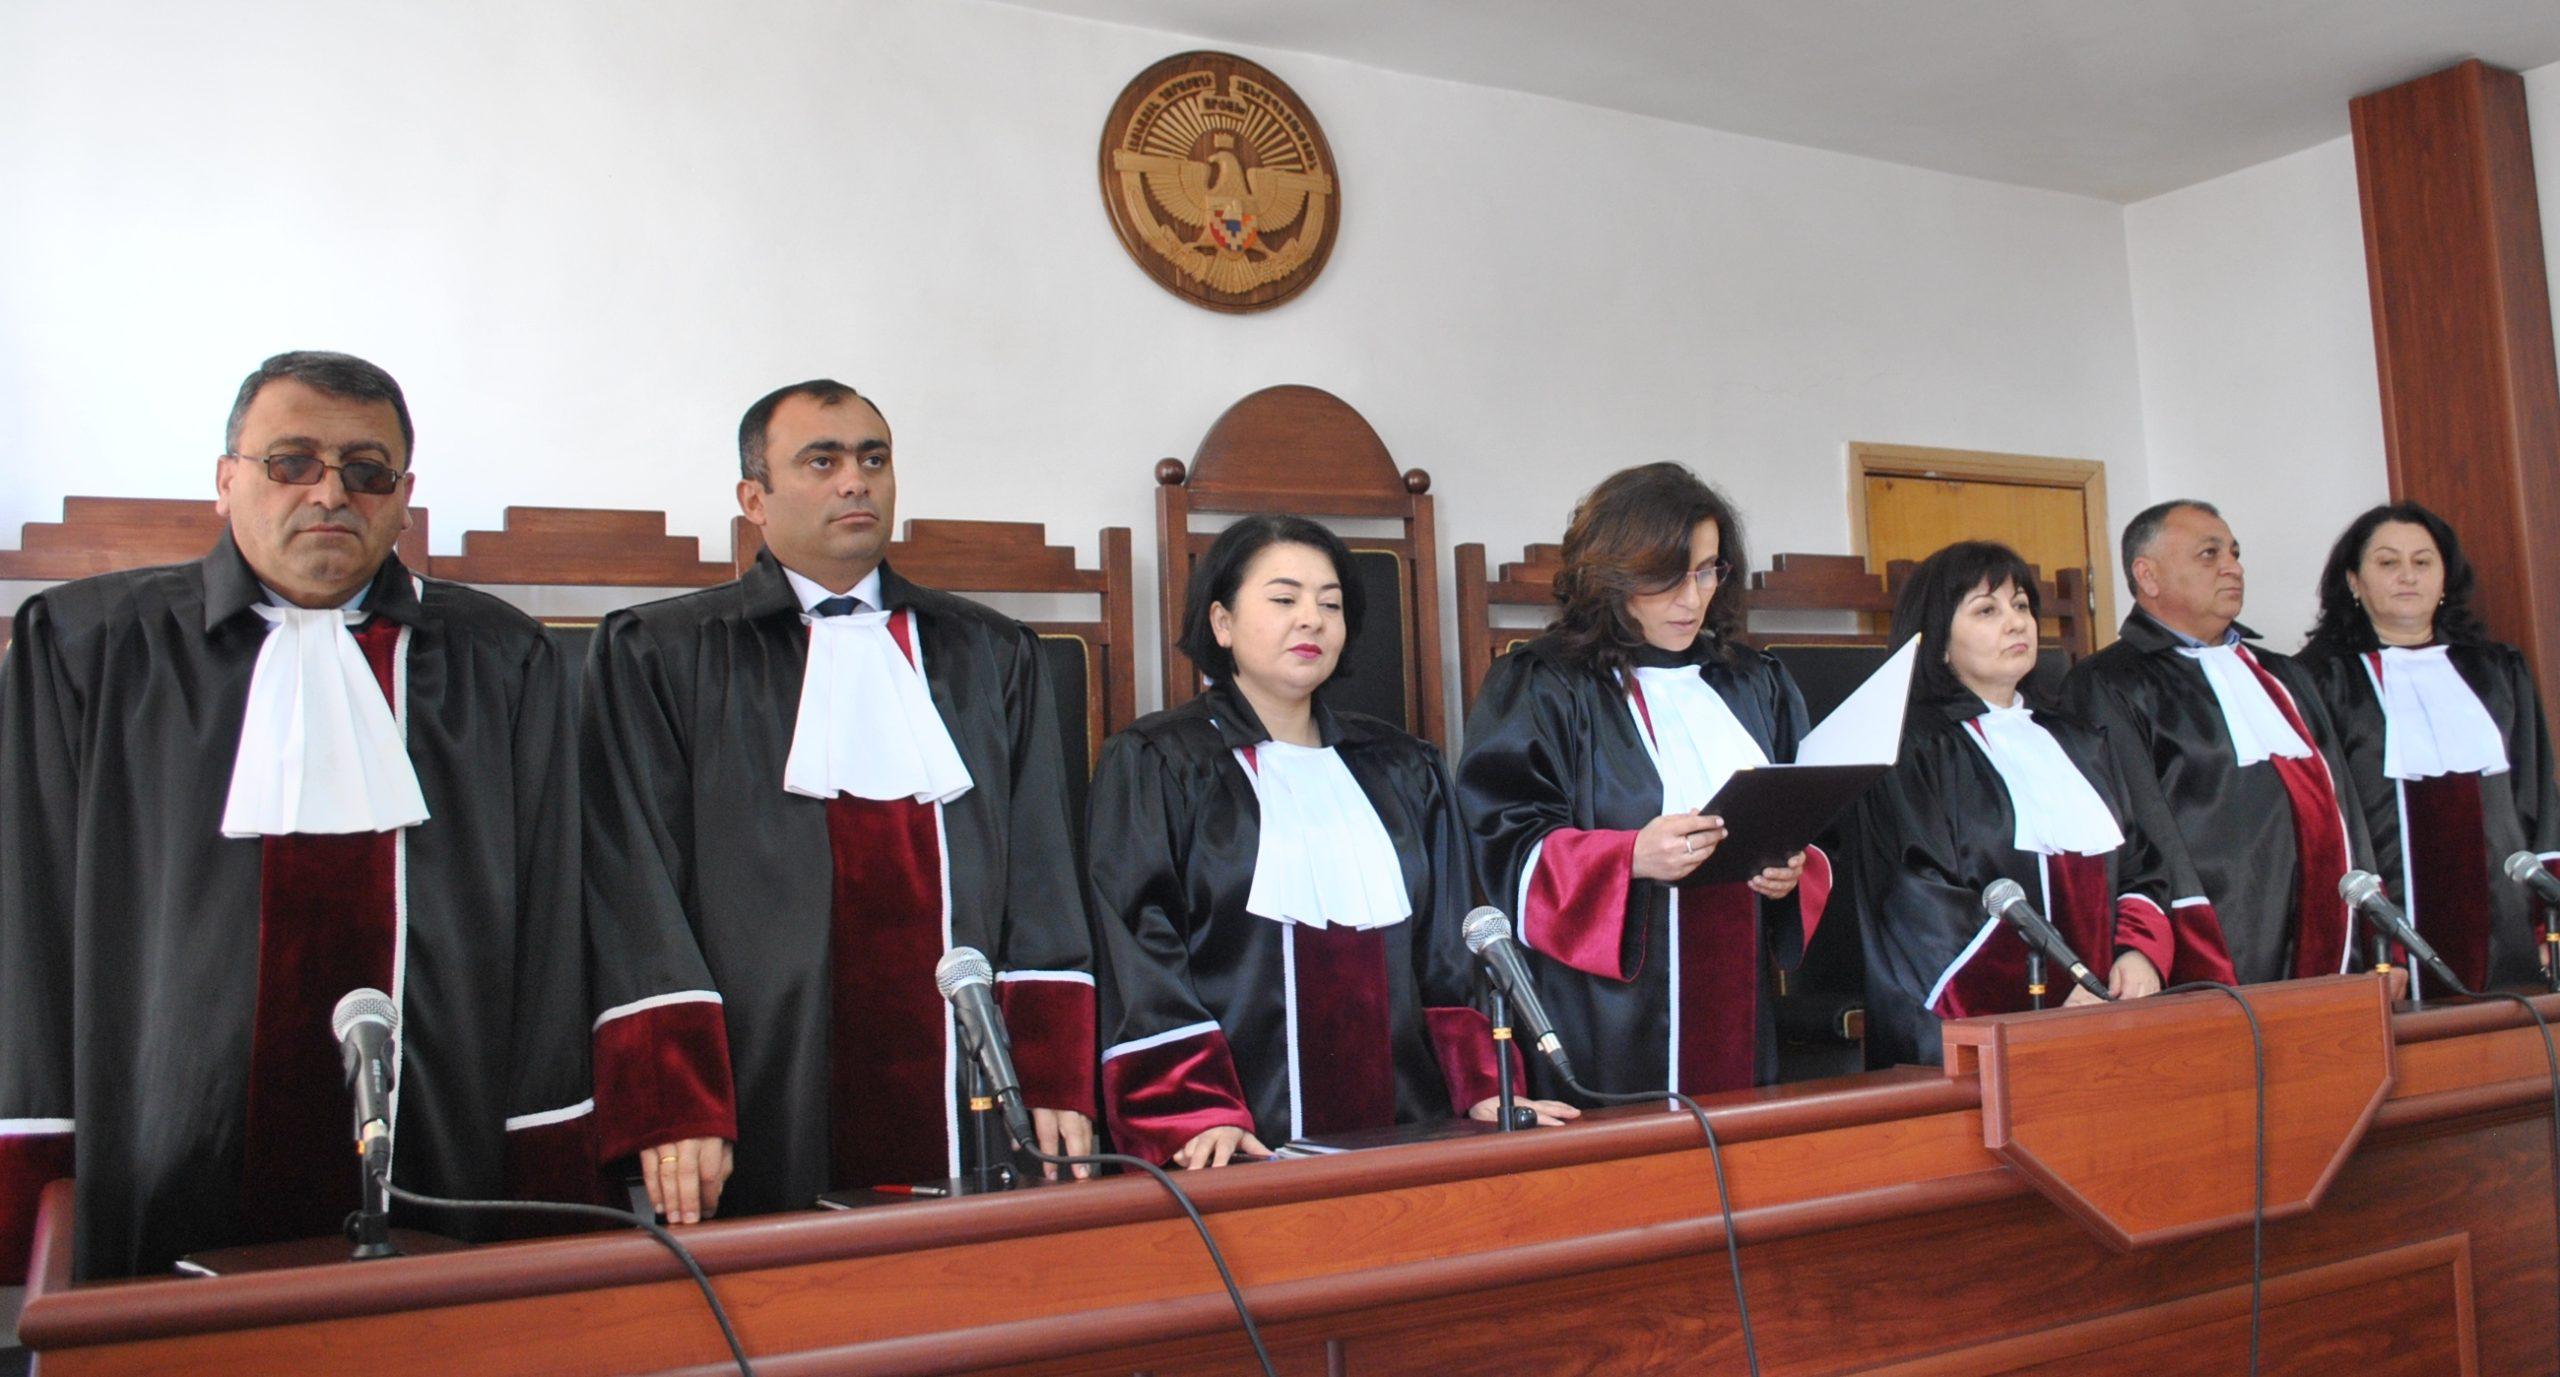 ԱՀ Գերագույն դատարան